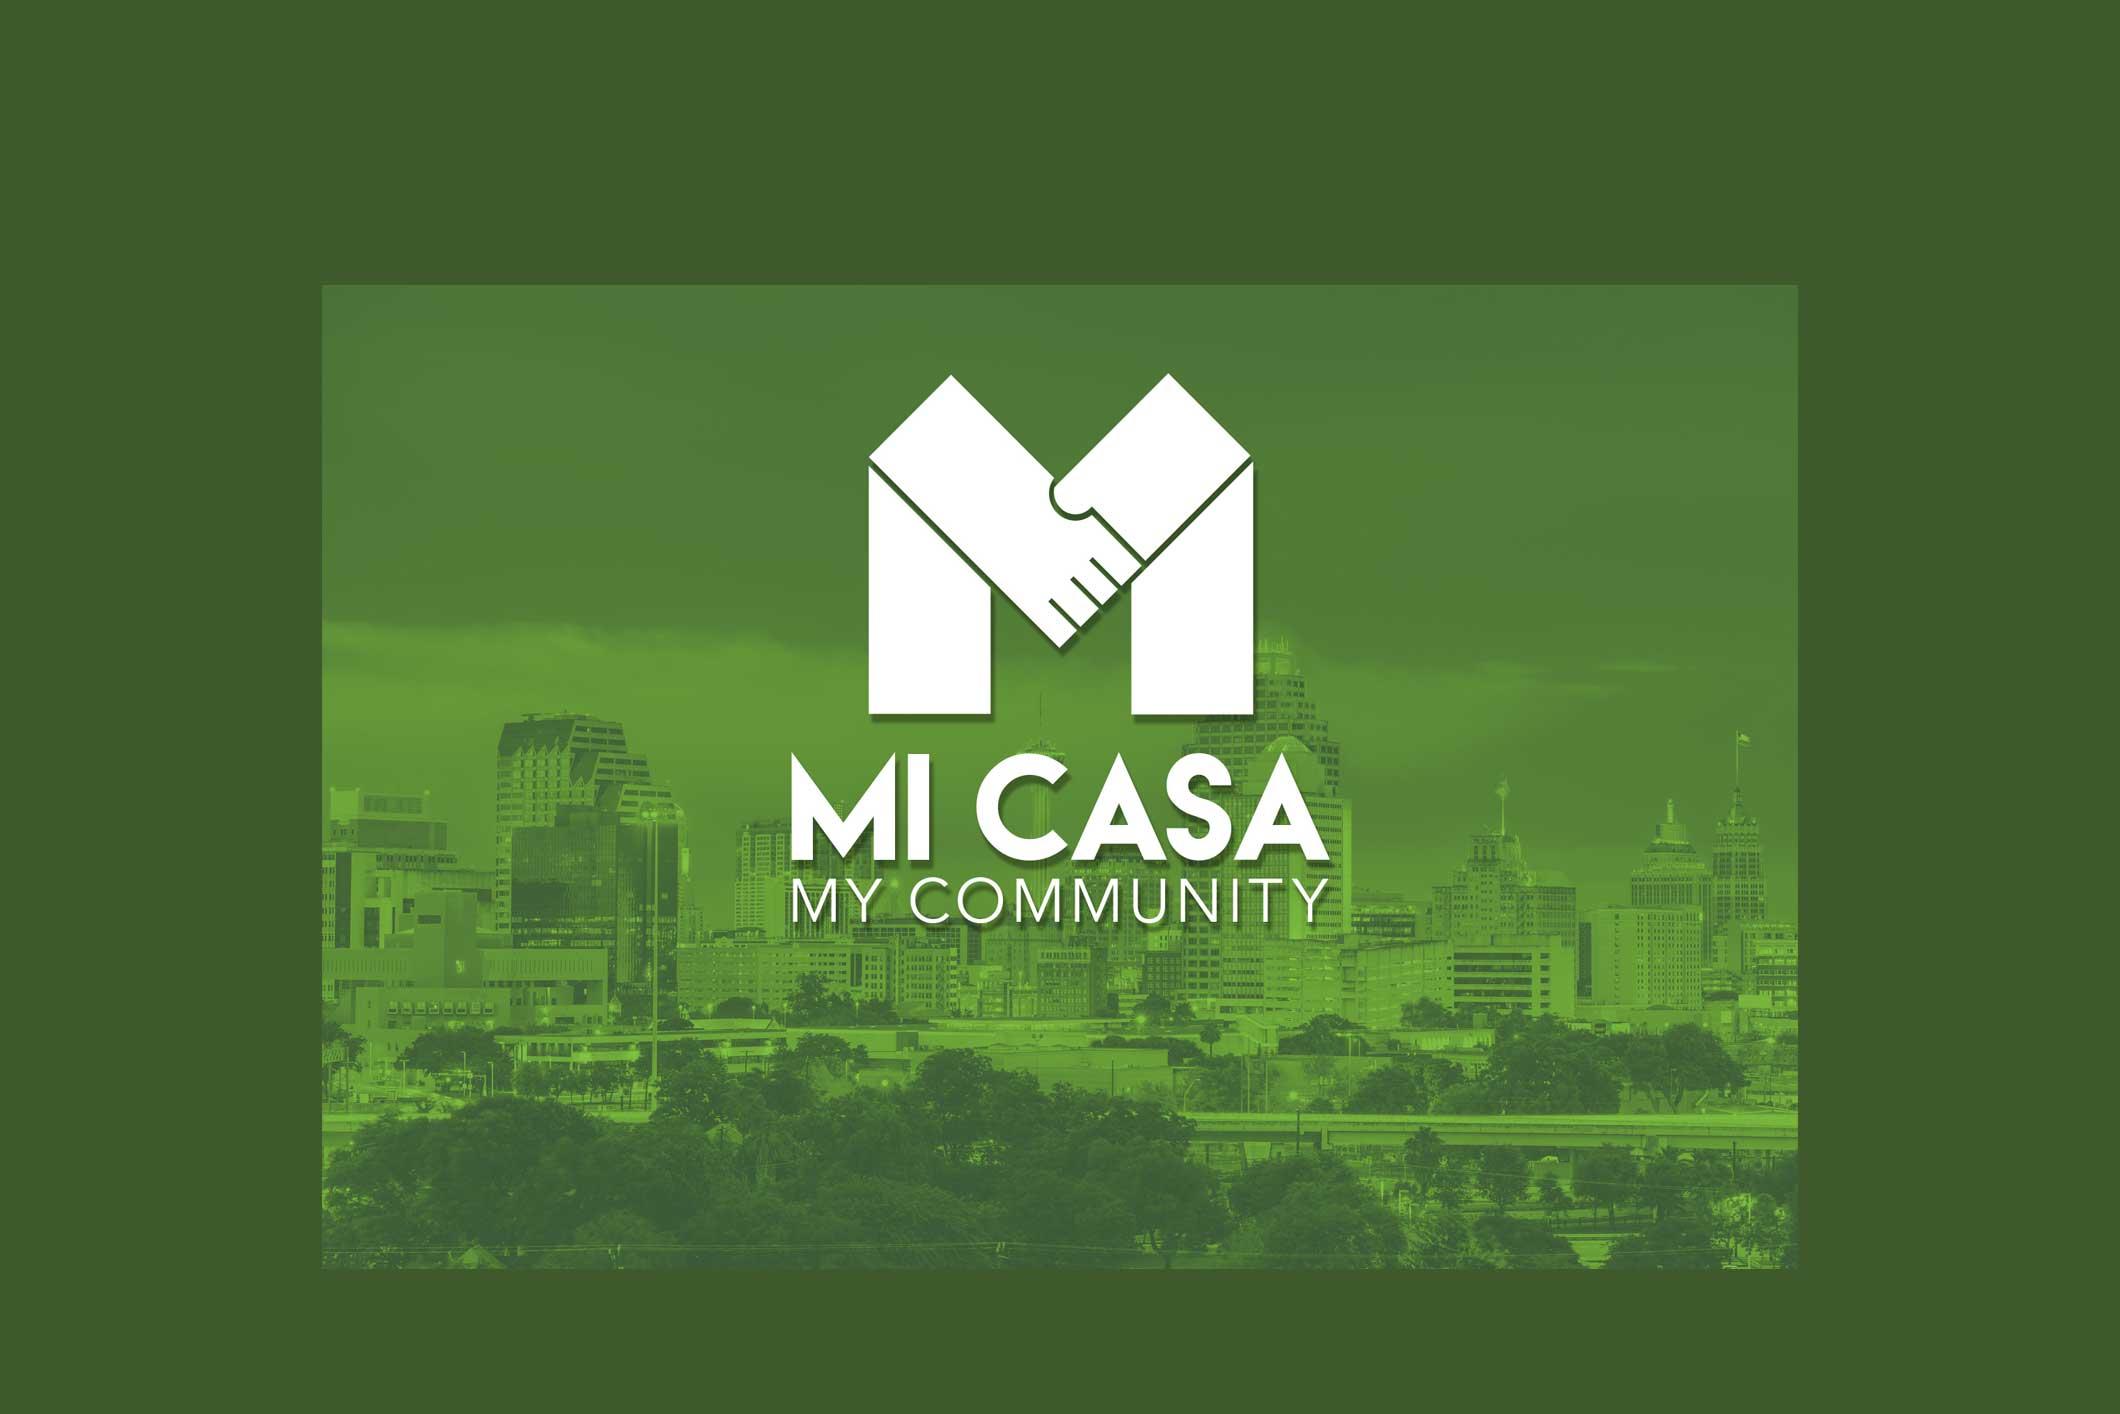 Get a helping hand: Mi Casa | My Community